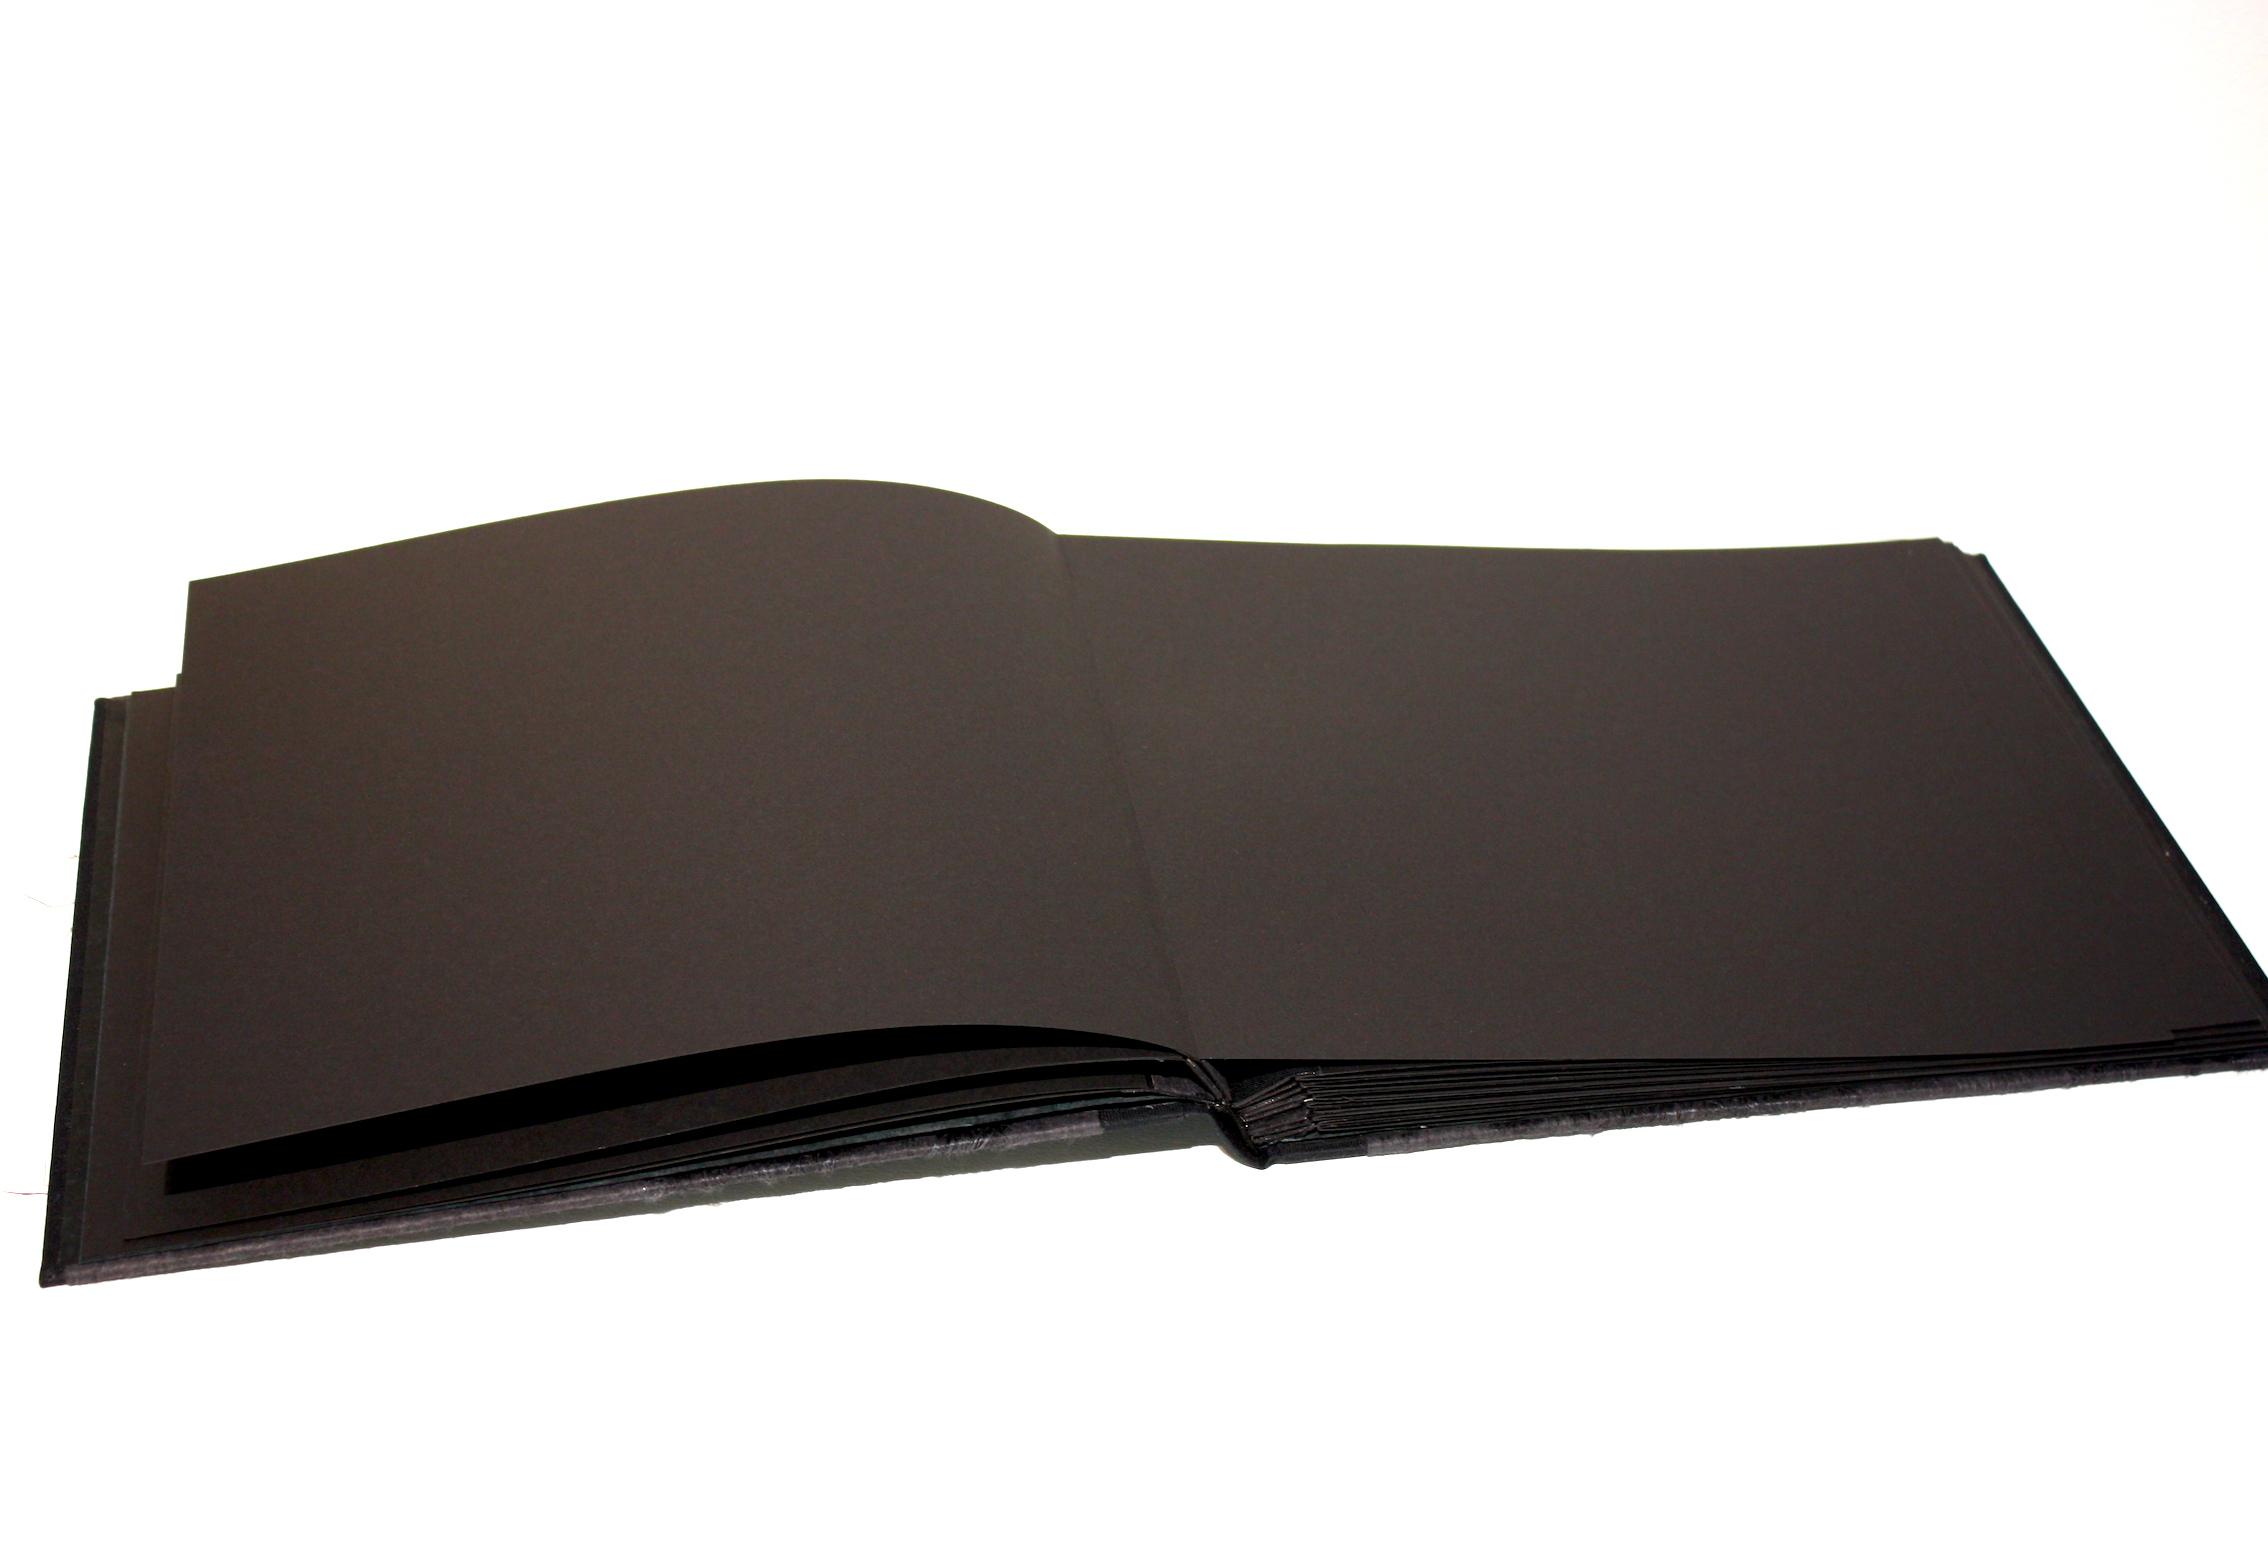 Fotoalbum atlasbinding linnen papier handgemaakt fotokarton zuurvrij papier zwart